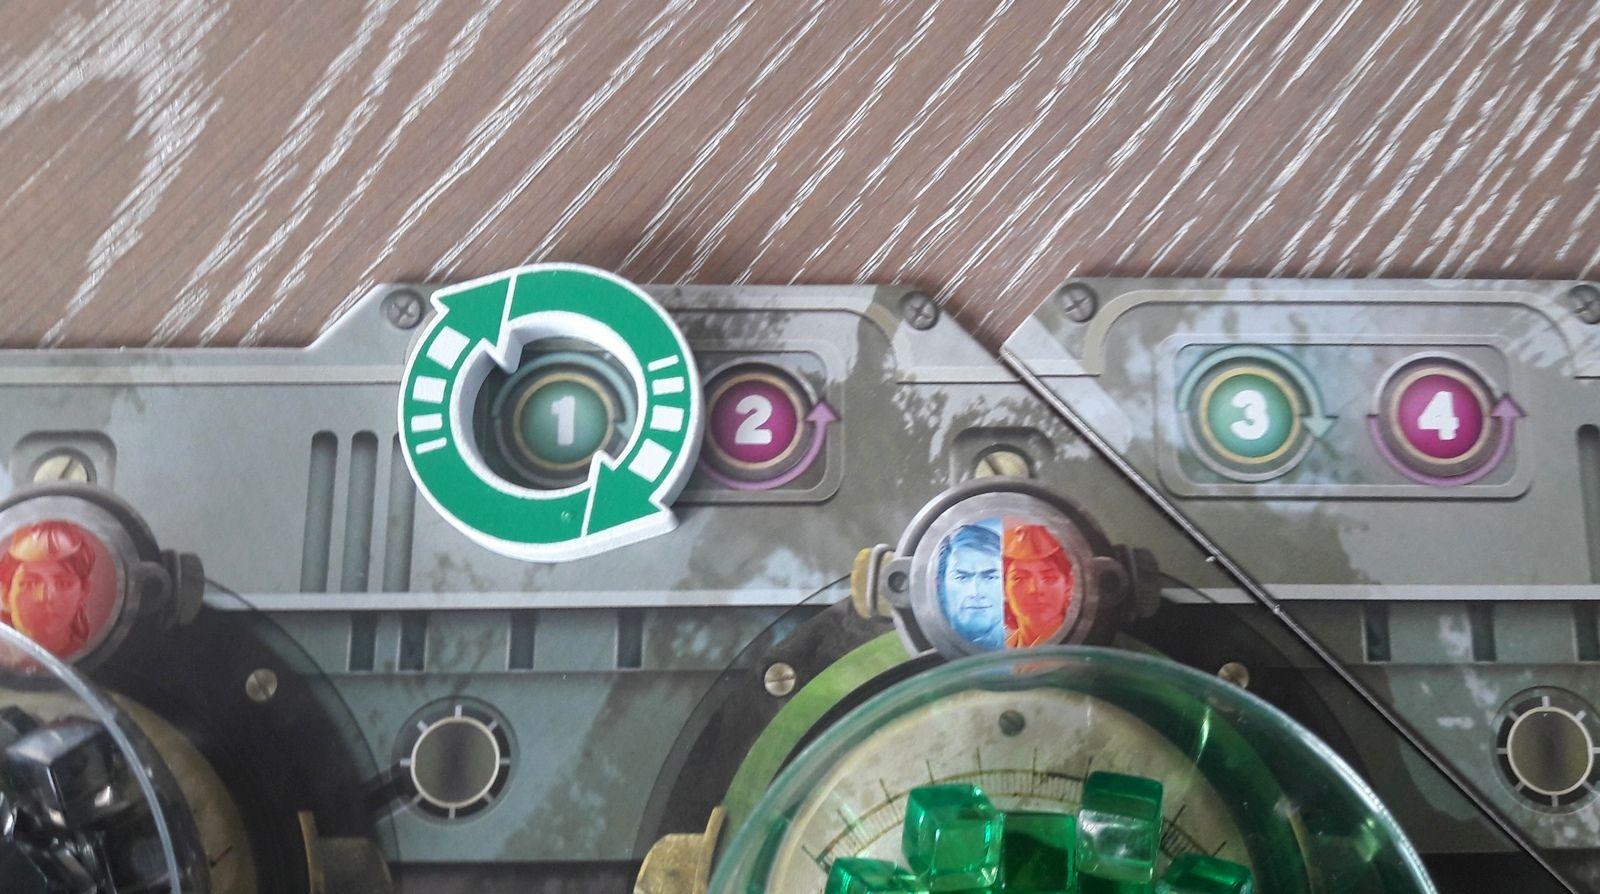 Zoom sur le jeton qui marque le tour. Tour 1 on passe les cartes à drafter vers la gauche au tour 2 on tourne vers la droite etc ...